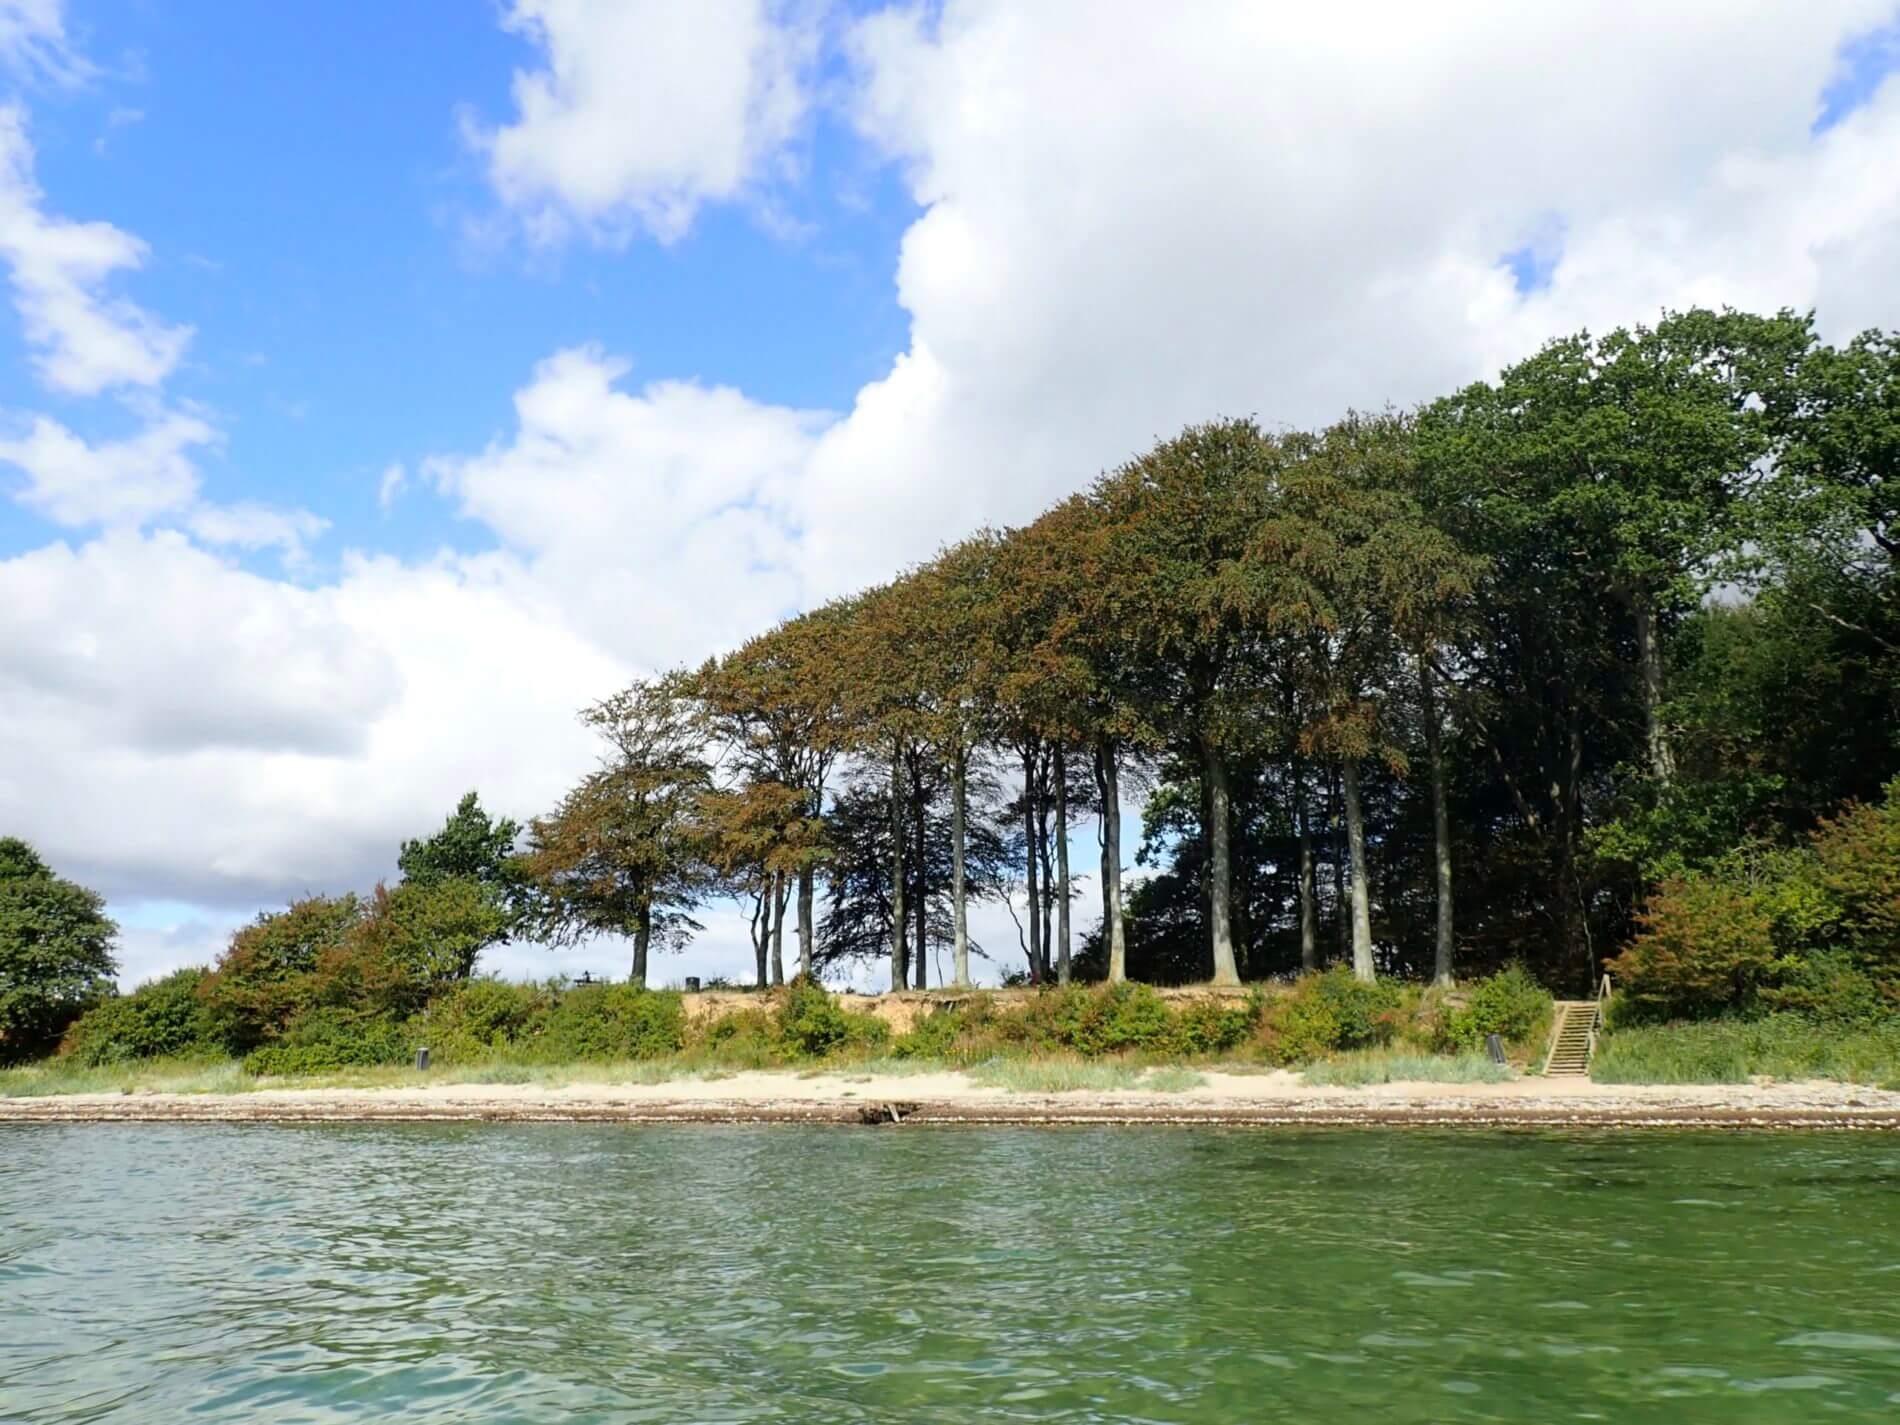 Im Kajak um Alsen_Steilküste mit Bäumen